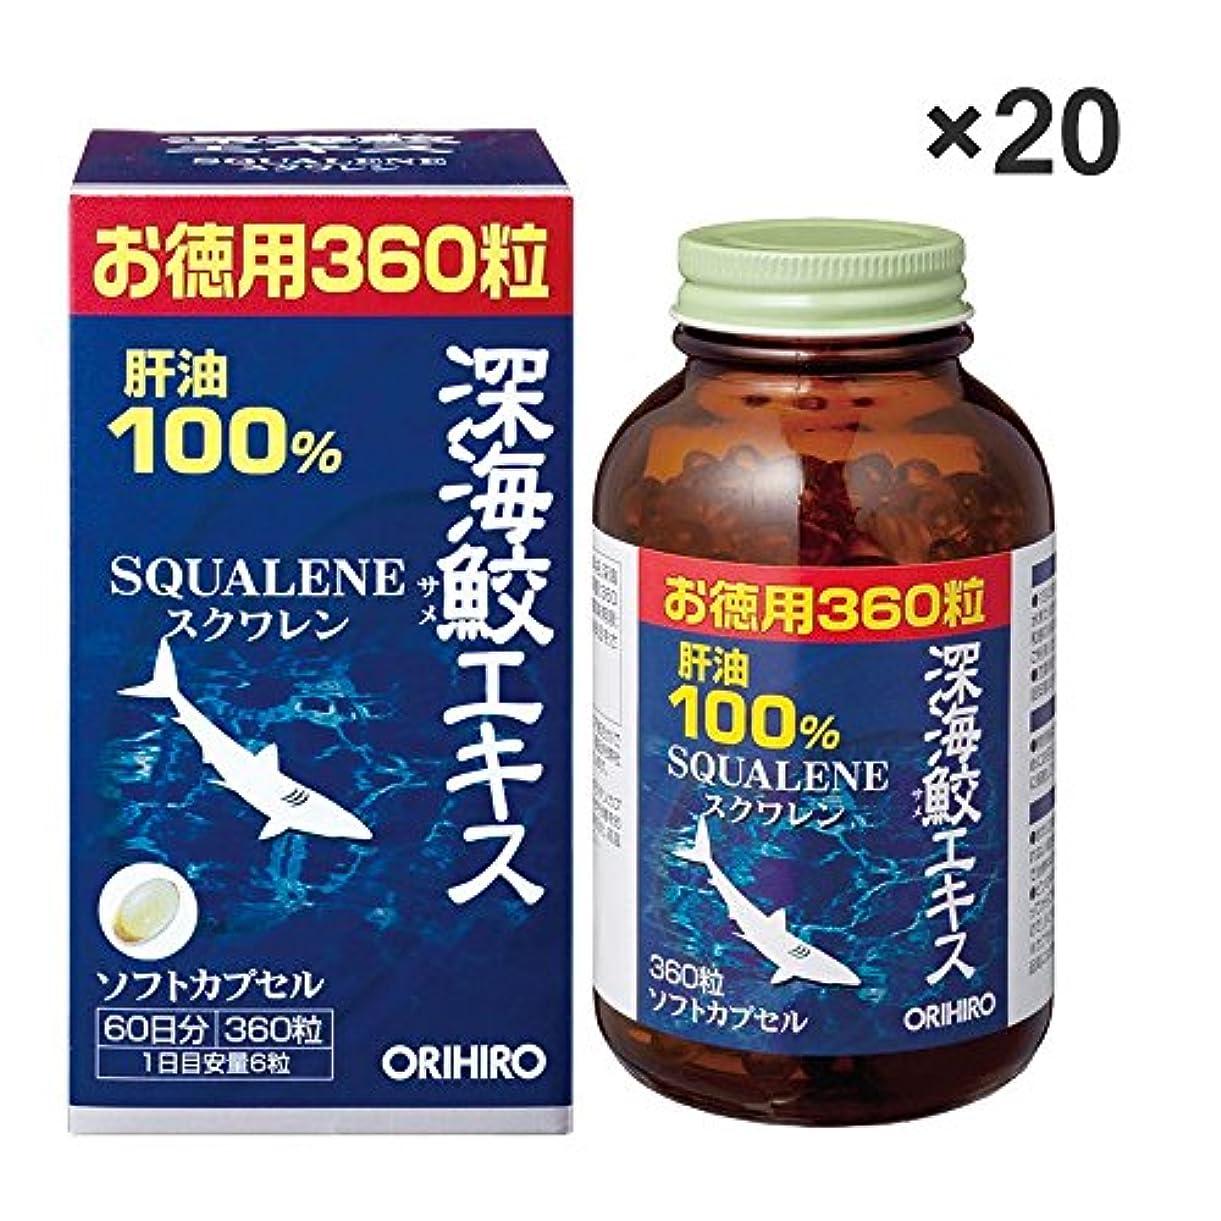 リーダーシップクレーター戻す【20点セット】オリヒロ 深海鮫エキスカプセル徳用 360粒